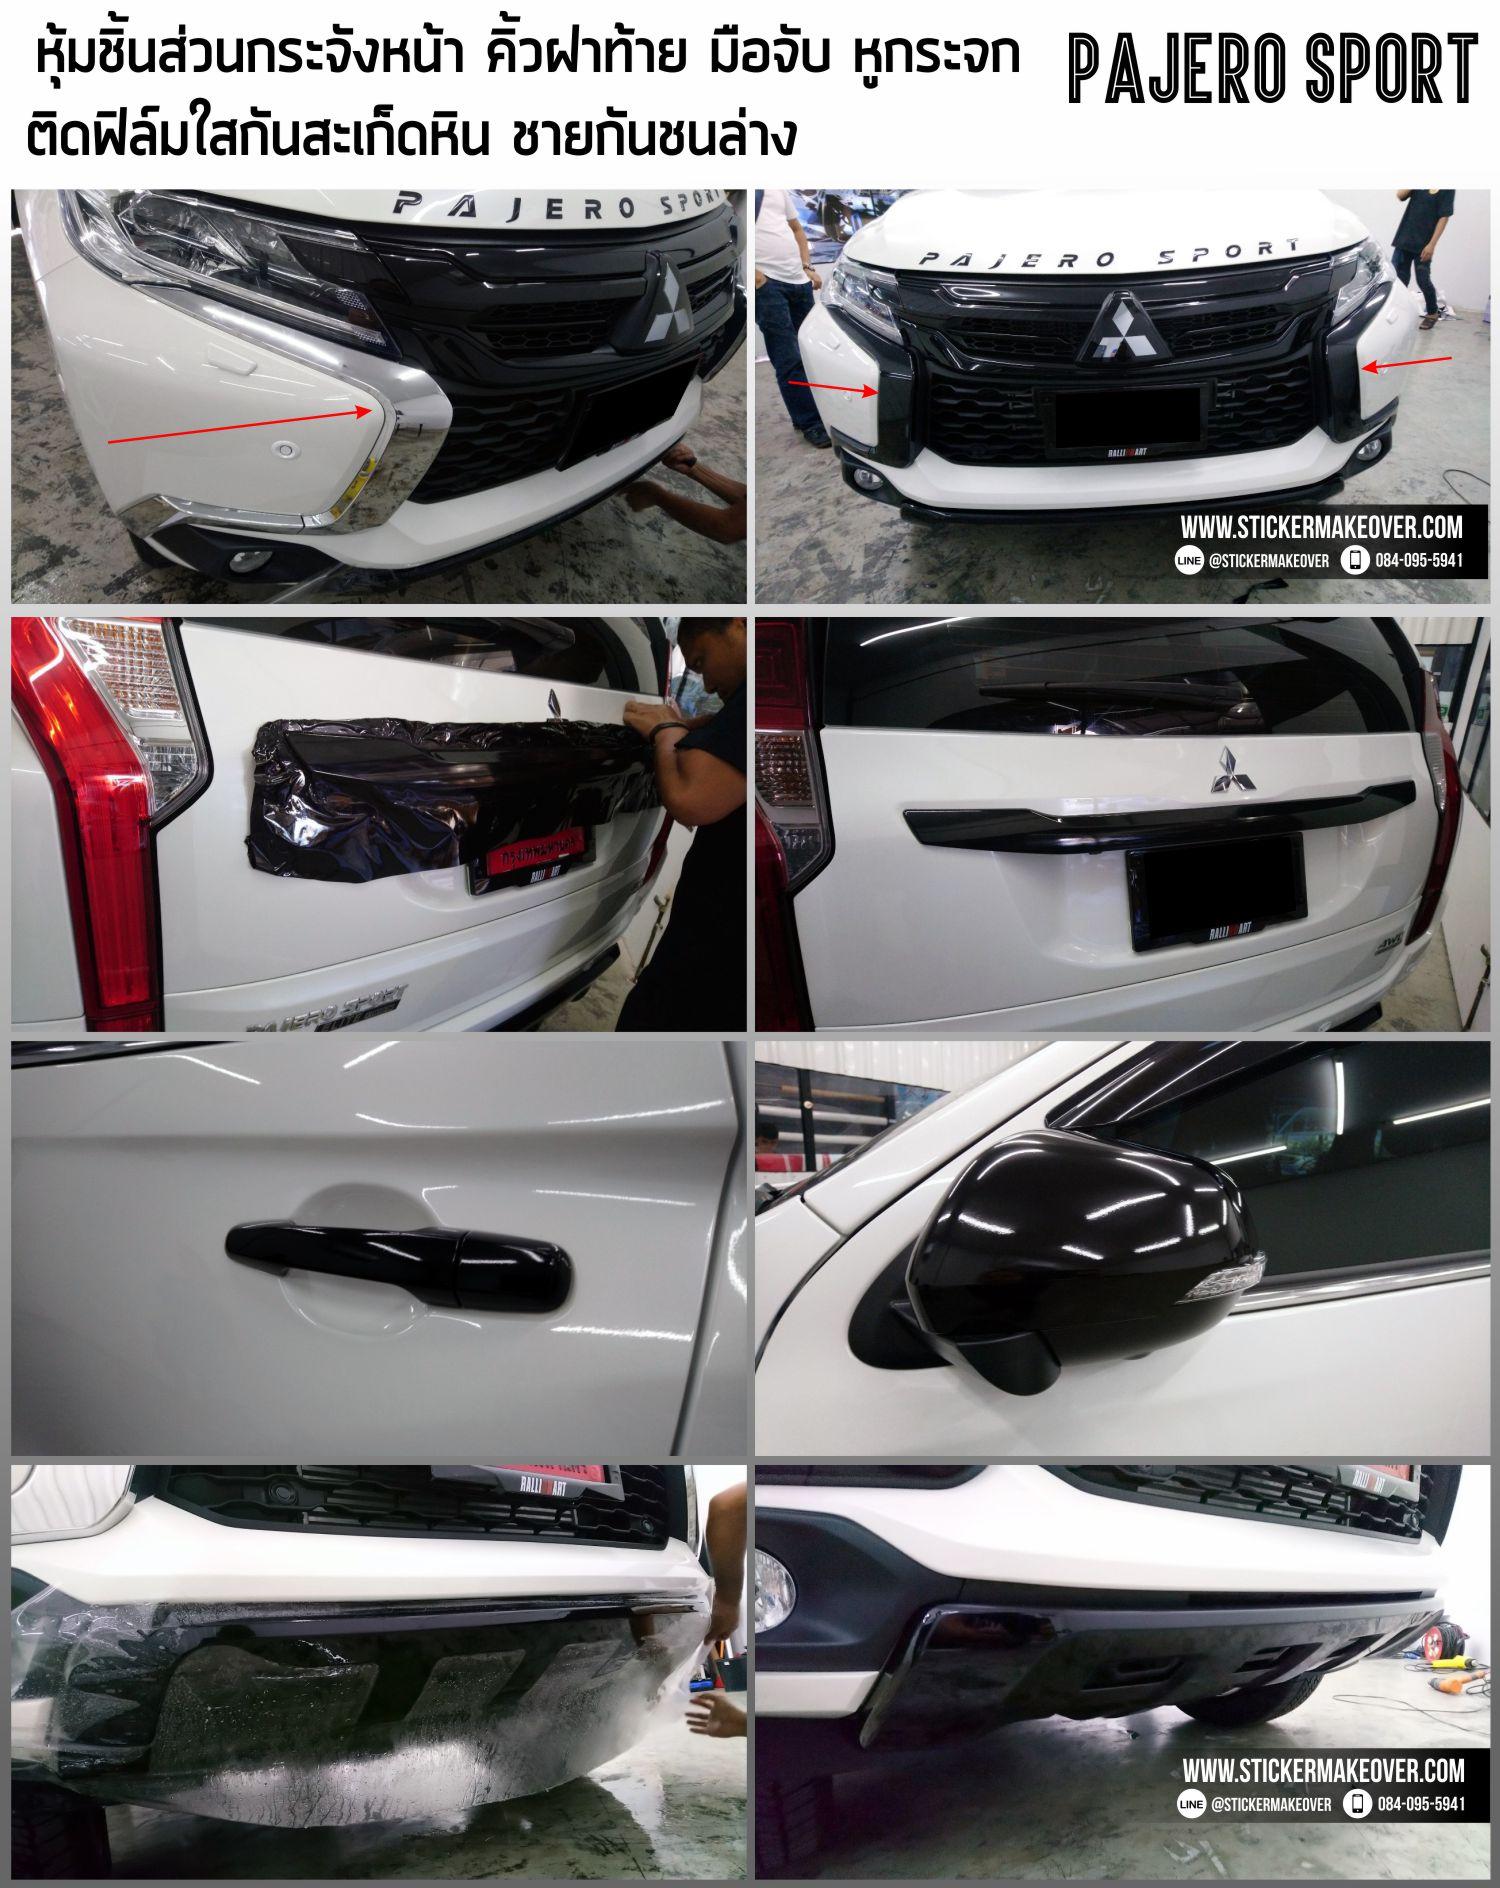 แต่งลายสติกเกอร์ Mitsubishi pajero sport  ปาเจโร่แต่งสวย หุ้มสติกเกอร์กระจังหน้าปาเจโร่  ลายรถปาเจโร่ หุ้มสติกเกอร์กระจังหน้าpajero หุ้มสติกเกอร์สีดำด้านหลังคาpajero ติดฟิล์มใสกันสะเก็ดหินpajero ลายรถpajeroสวย  pajeroแต่งลายสวย แต่งรถ ลายรถ pajero sport elite